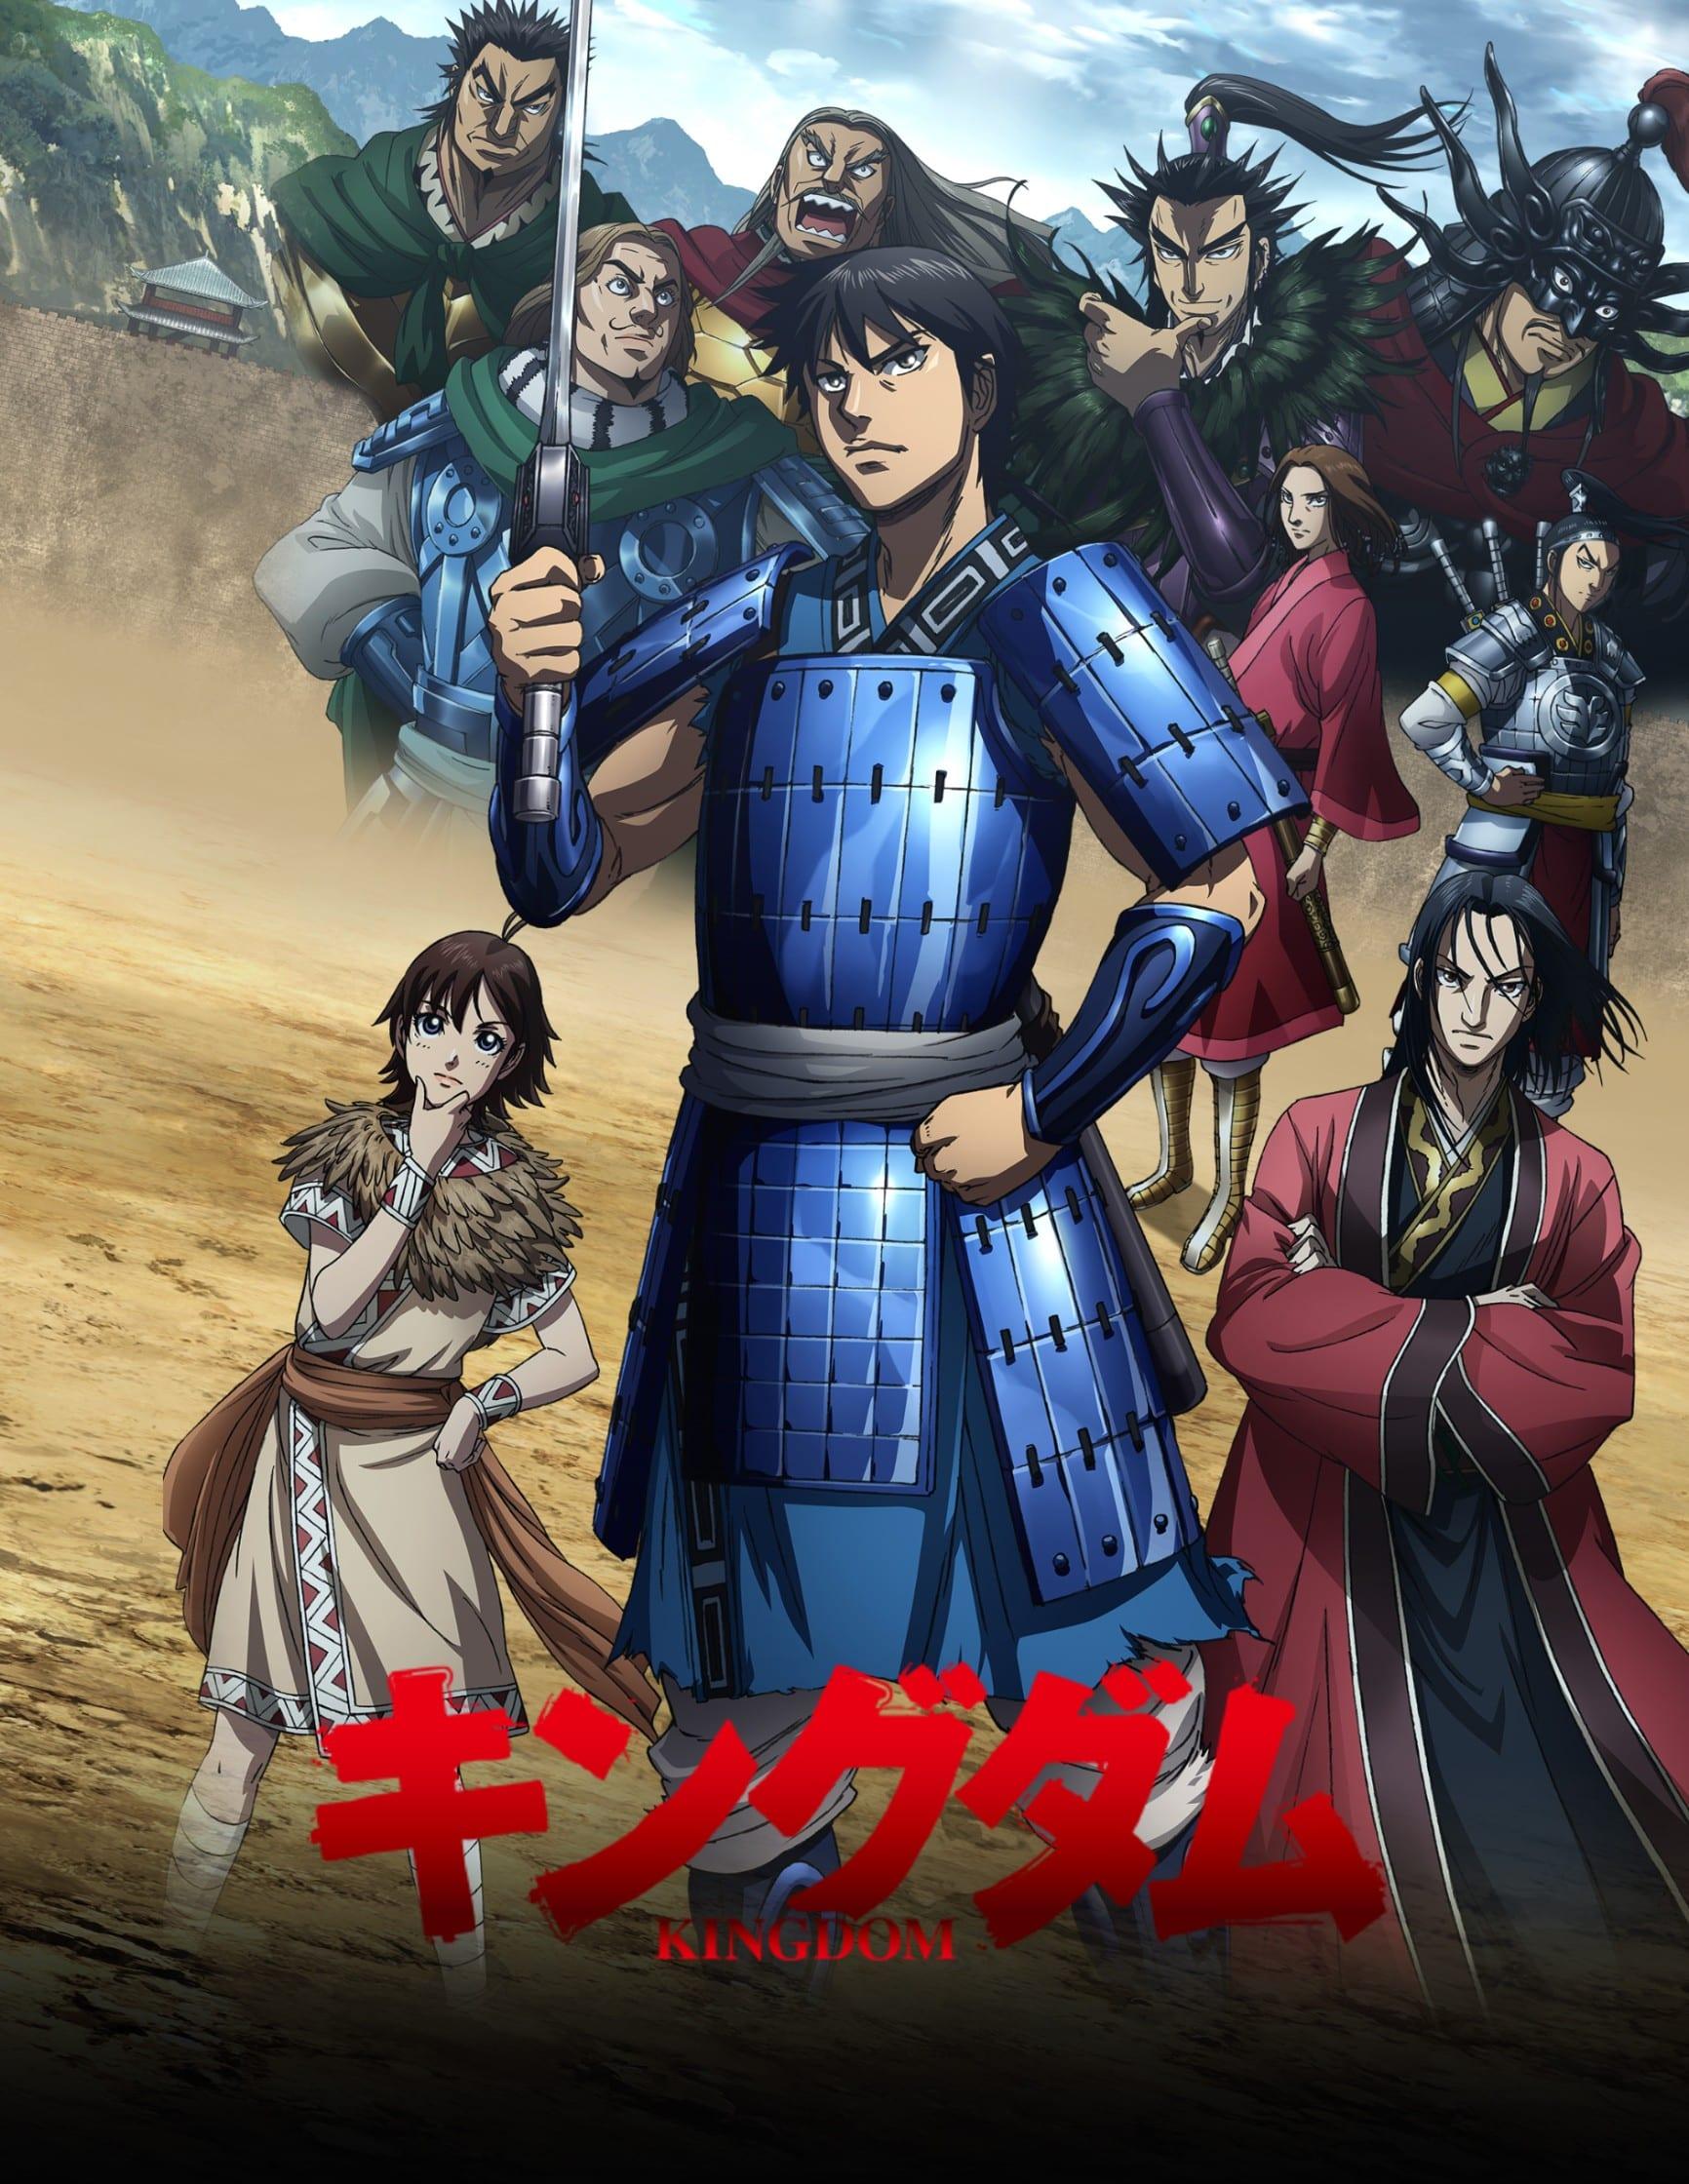 https://mirai.ai/wp-content/uploads/Kingdom-3rd-Season-v1.jpg